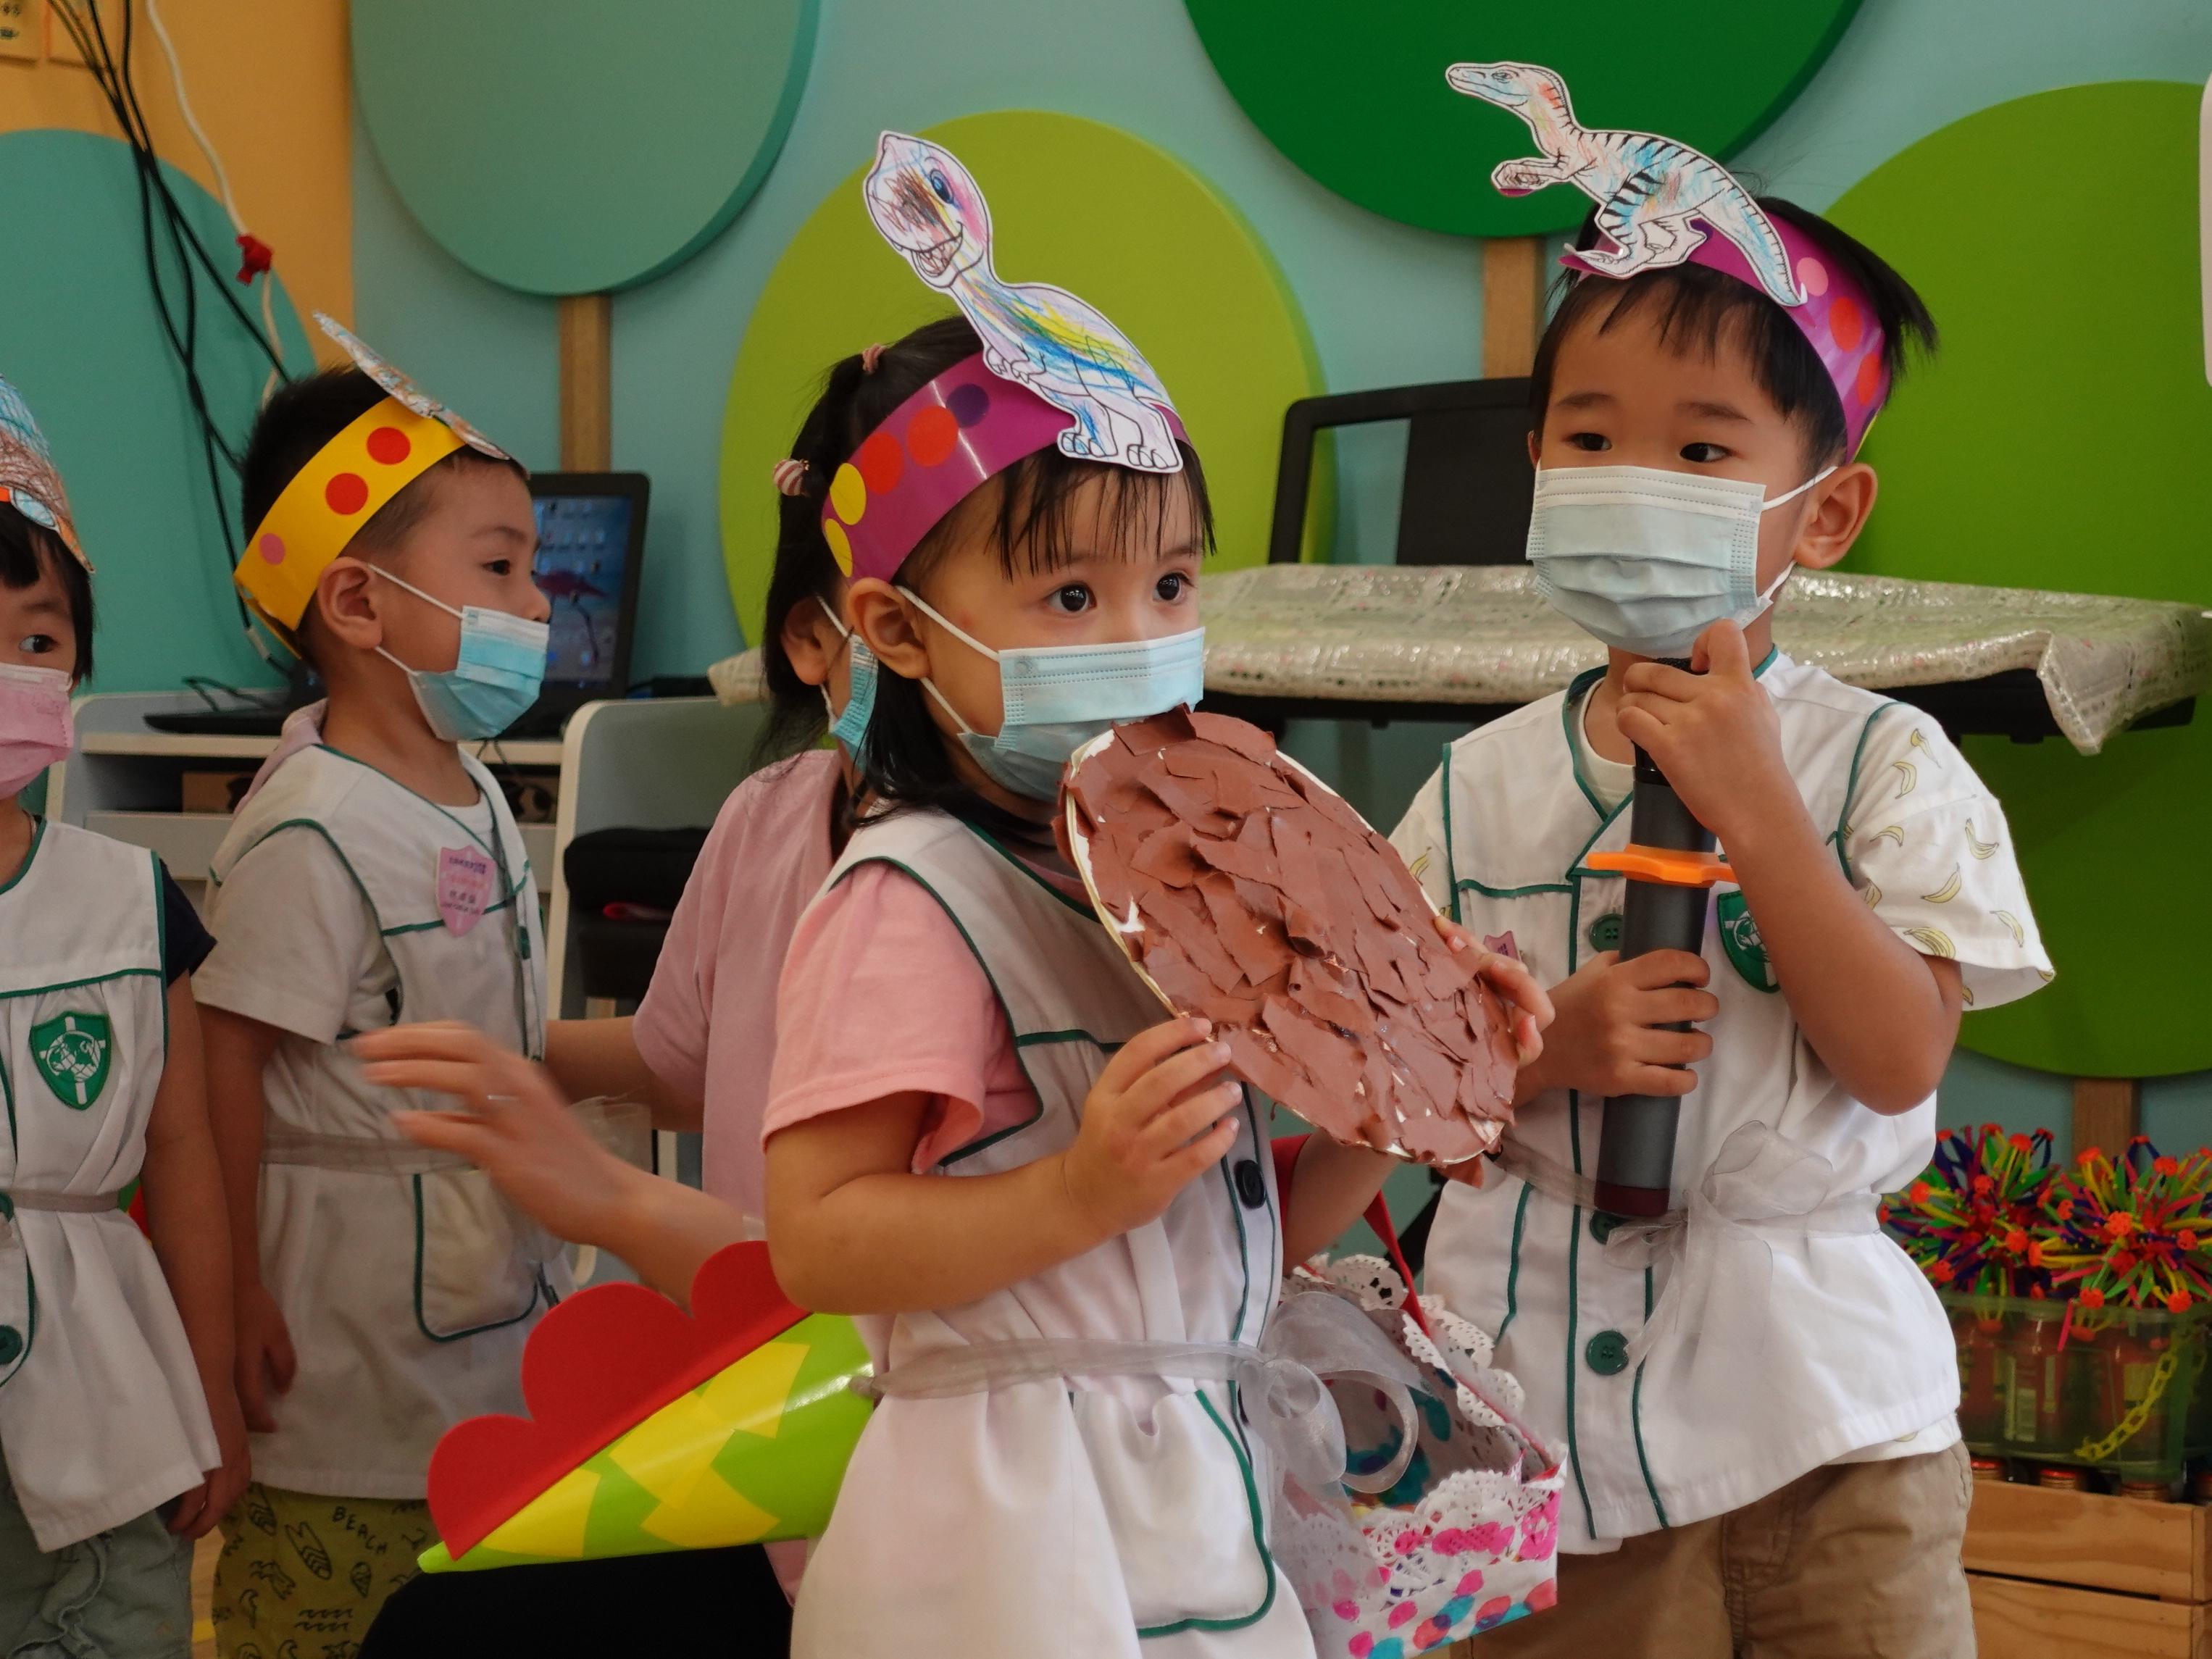 http://npmc.edu.hk/sites/default/files/dsc00168a.jpg